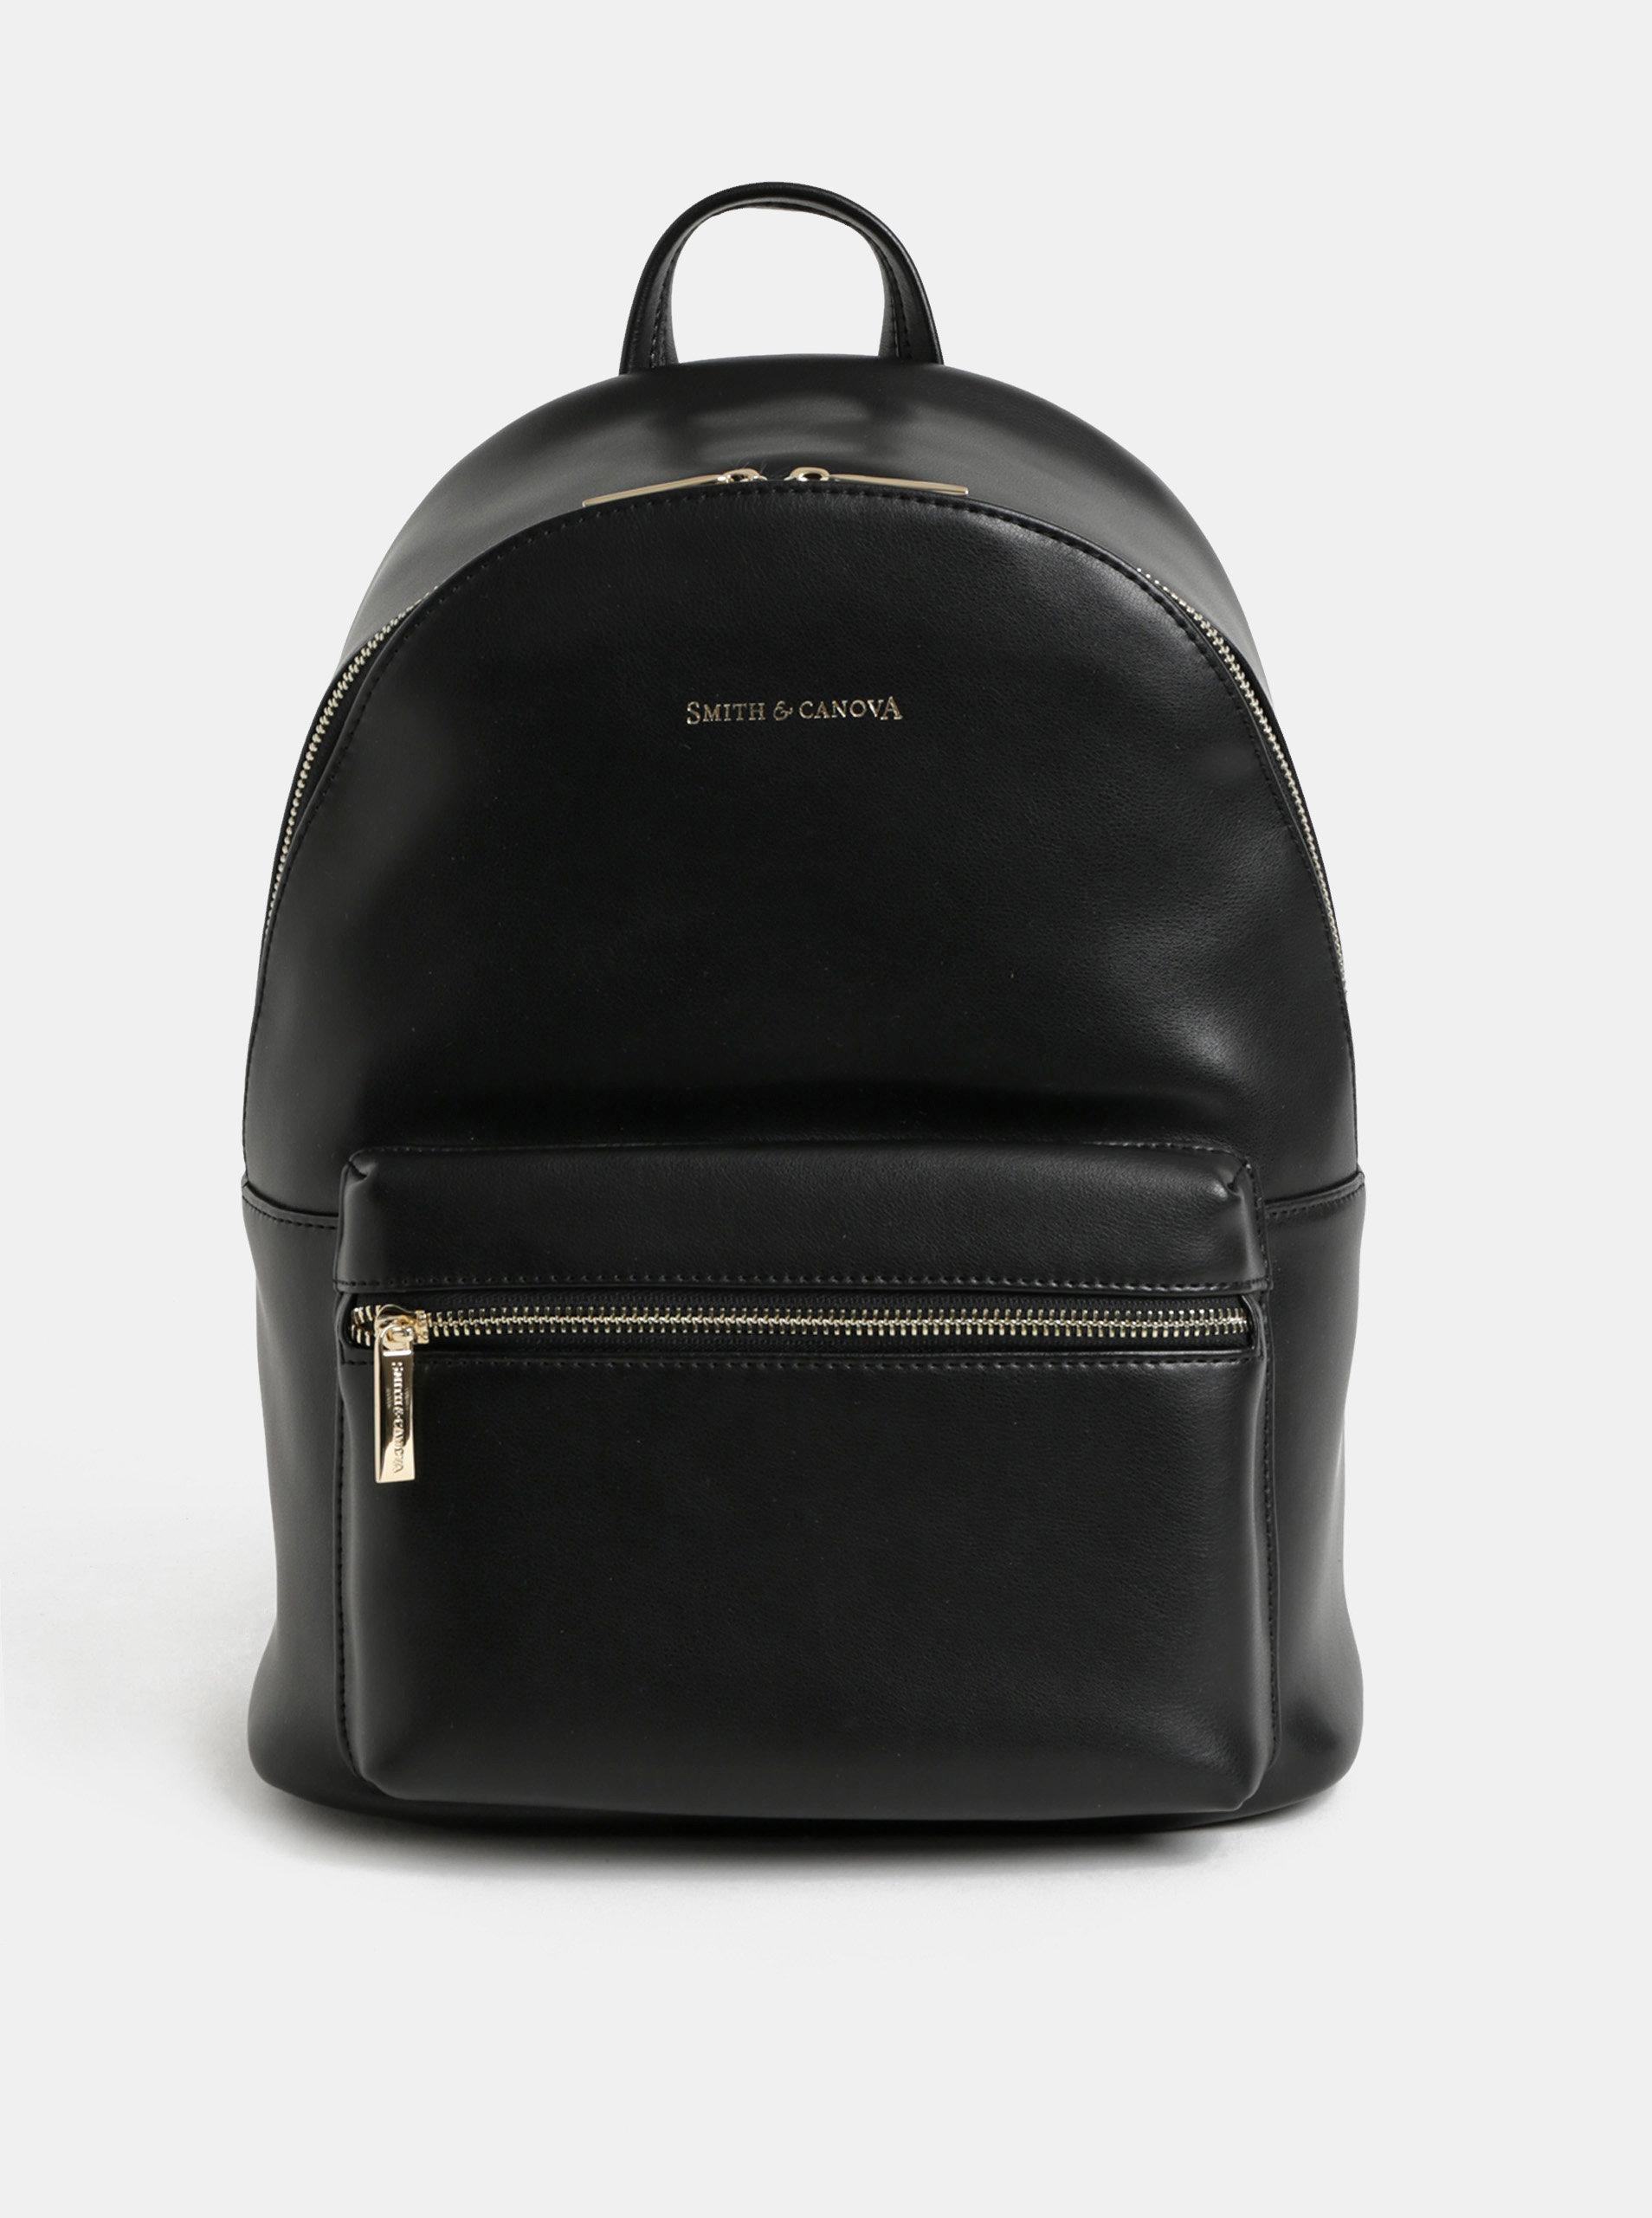 9508fa5fa39 Černý kožený batoh Smith   Canova ...